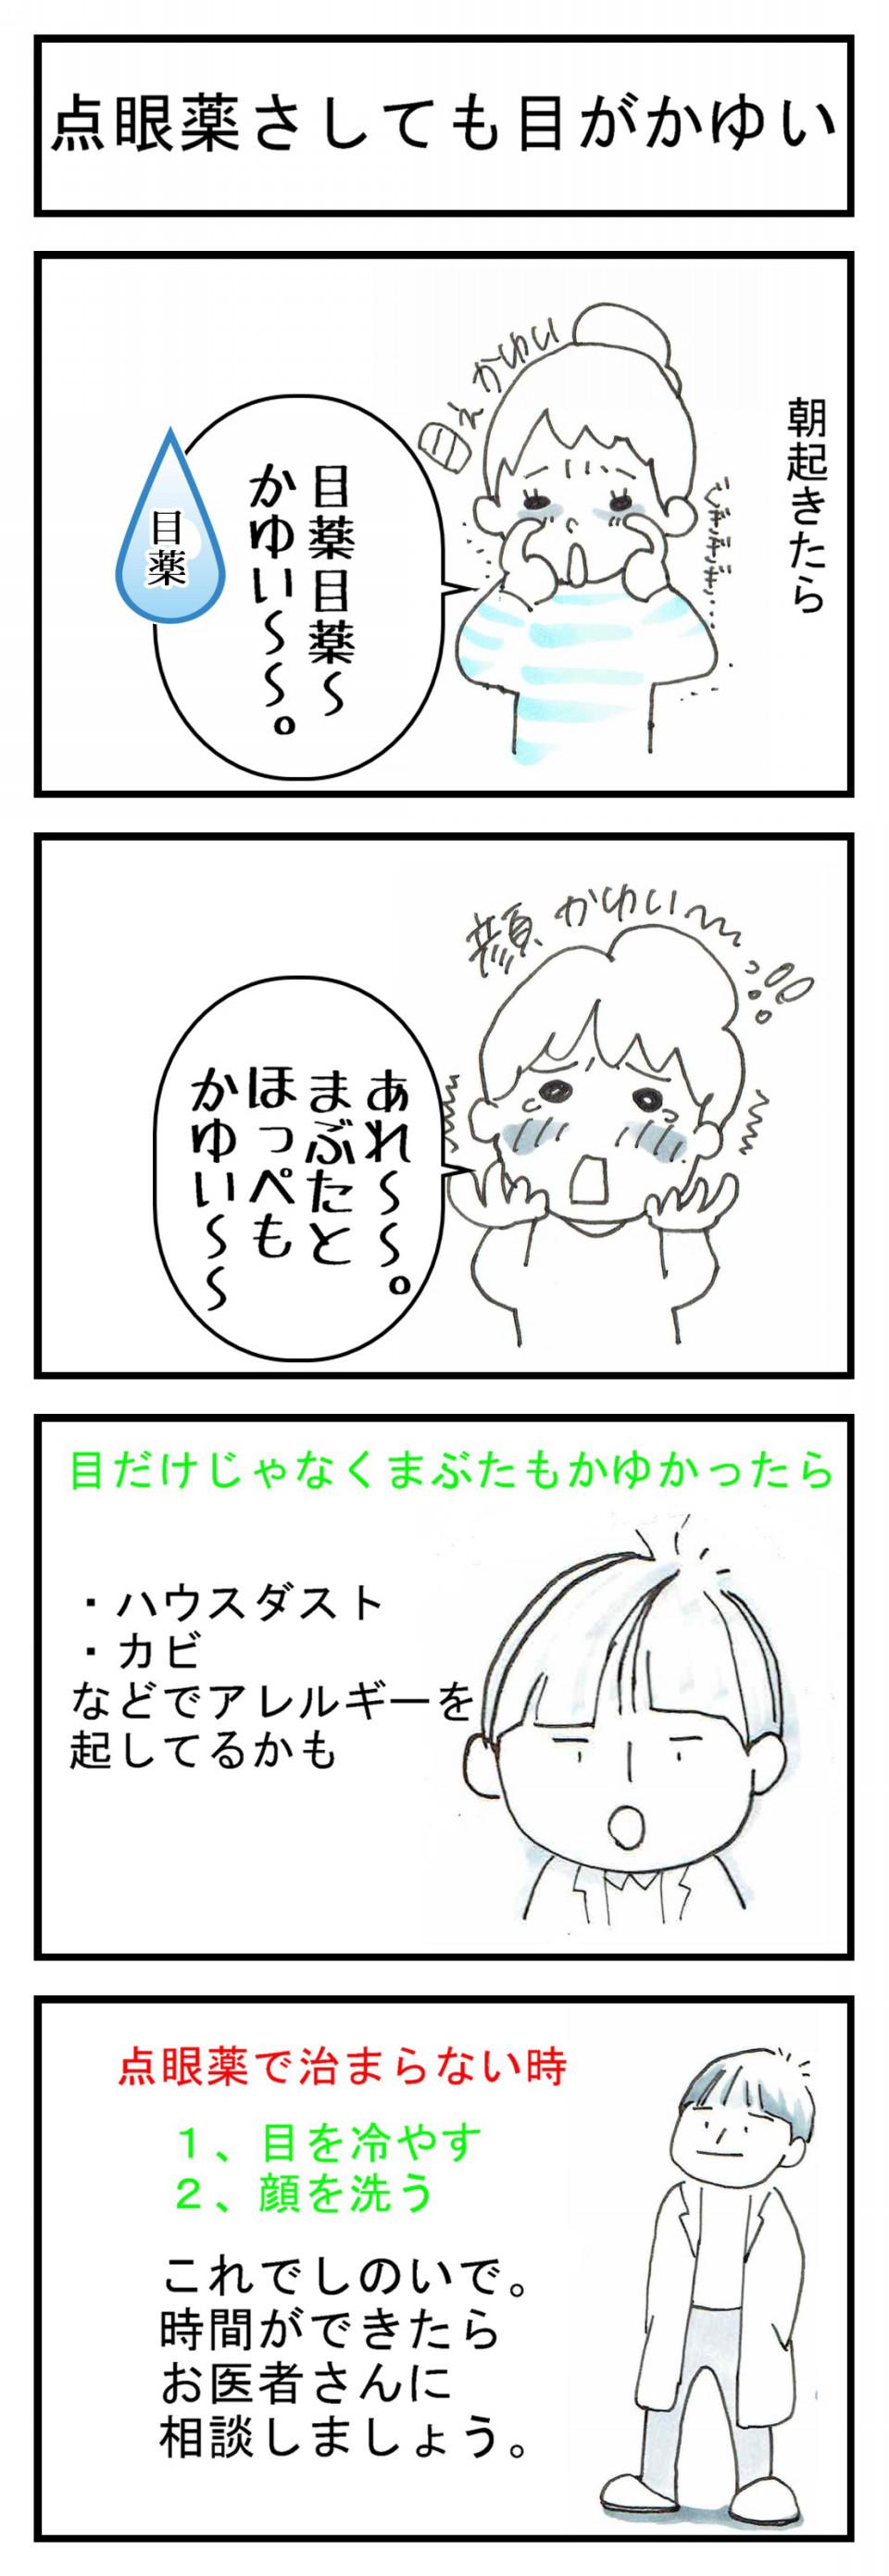 が かゆい 目